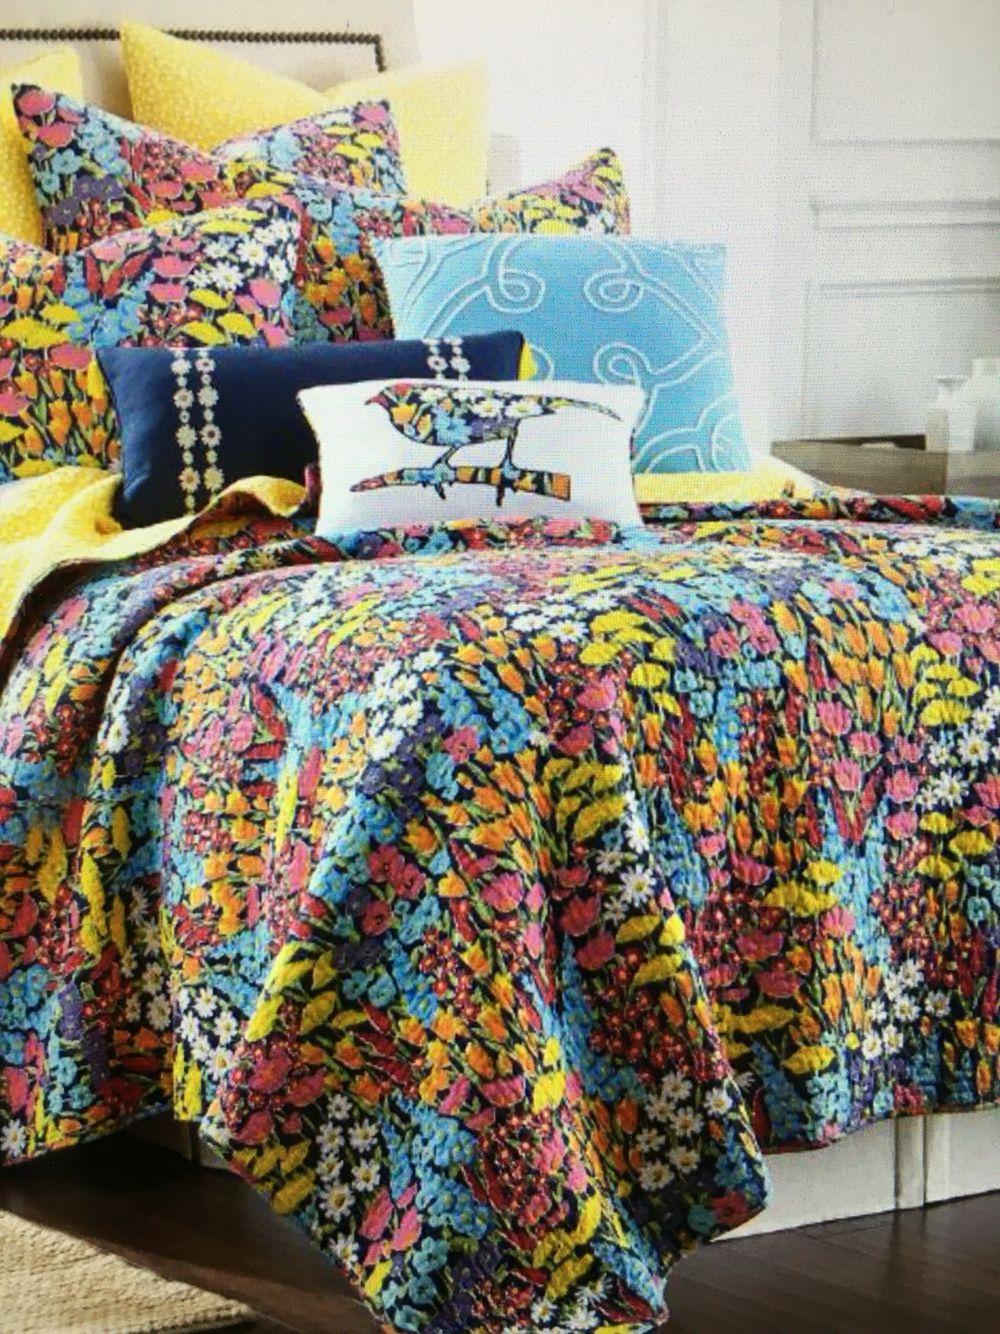 Stein mart quilt Bed, Luxury quilts, Quilt bedding